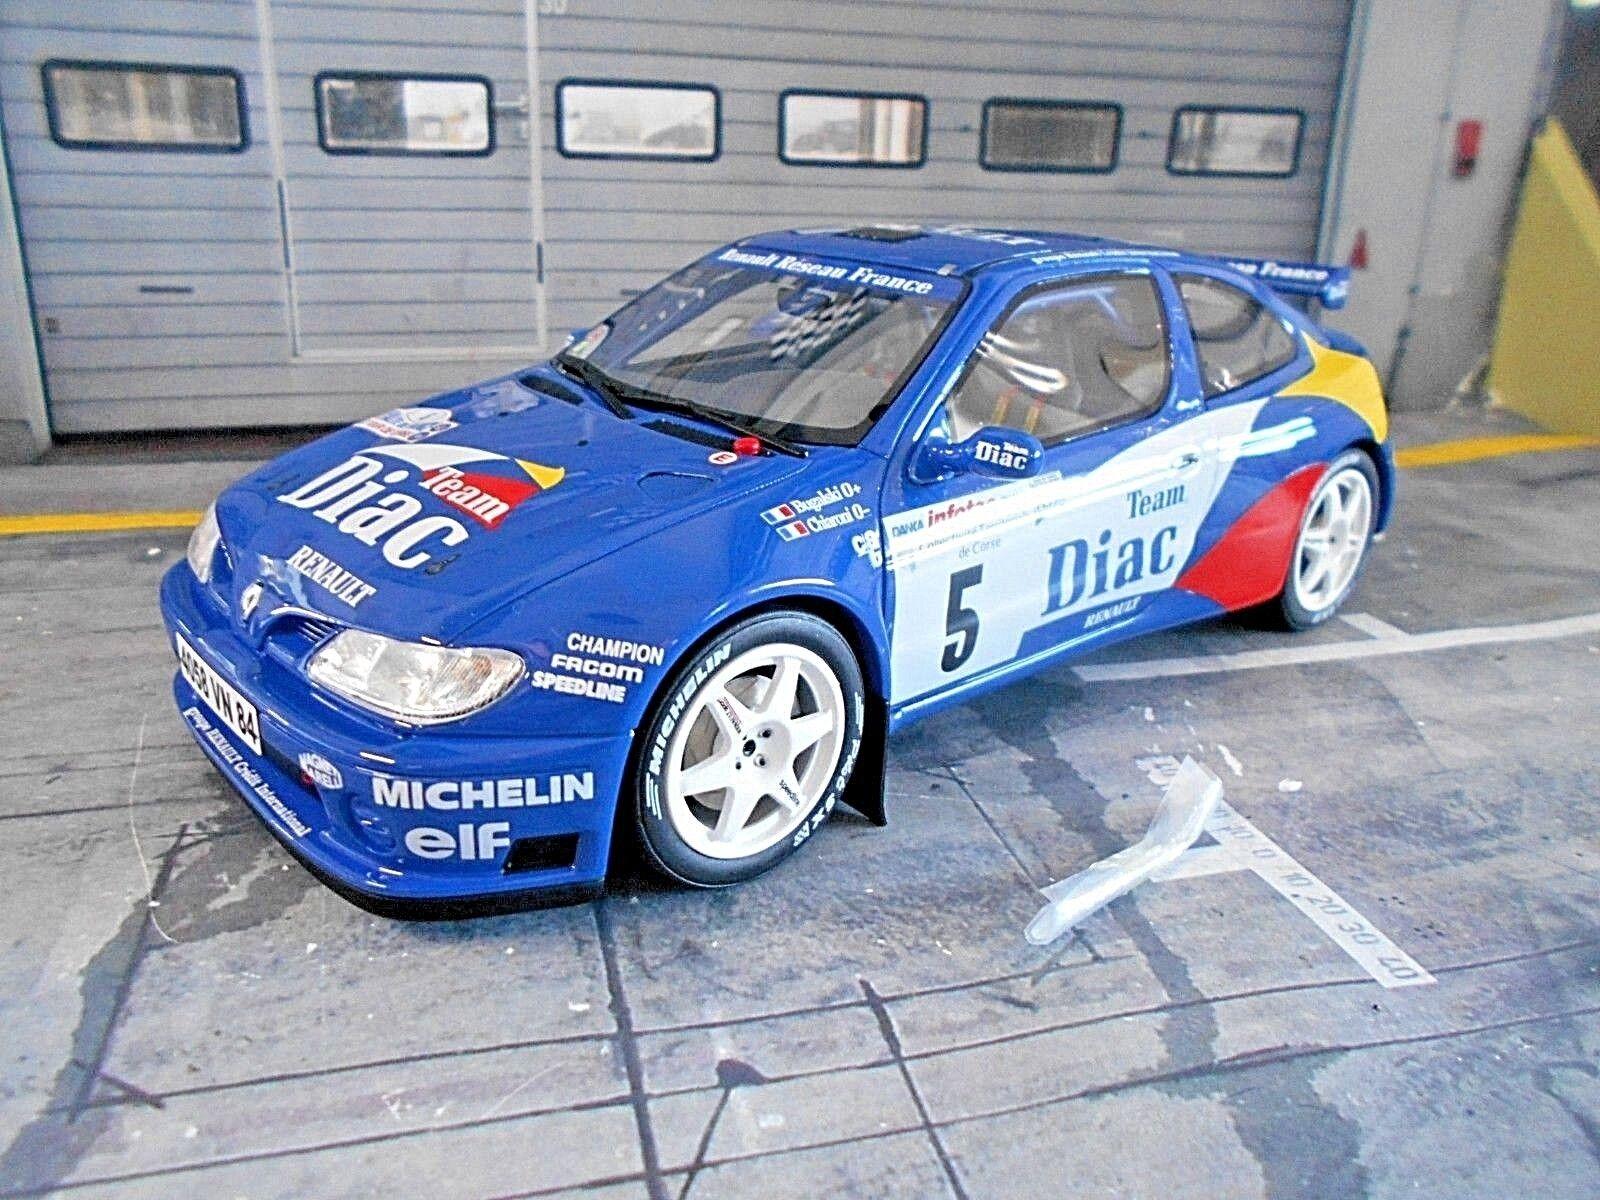 Renault megane maxi - auto - rallye - tour de corse 1996 bugalski otto neu neue 1,18